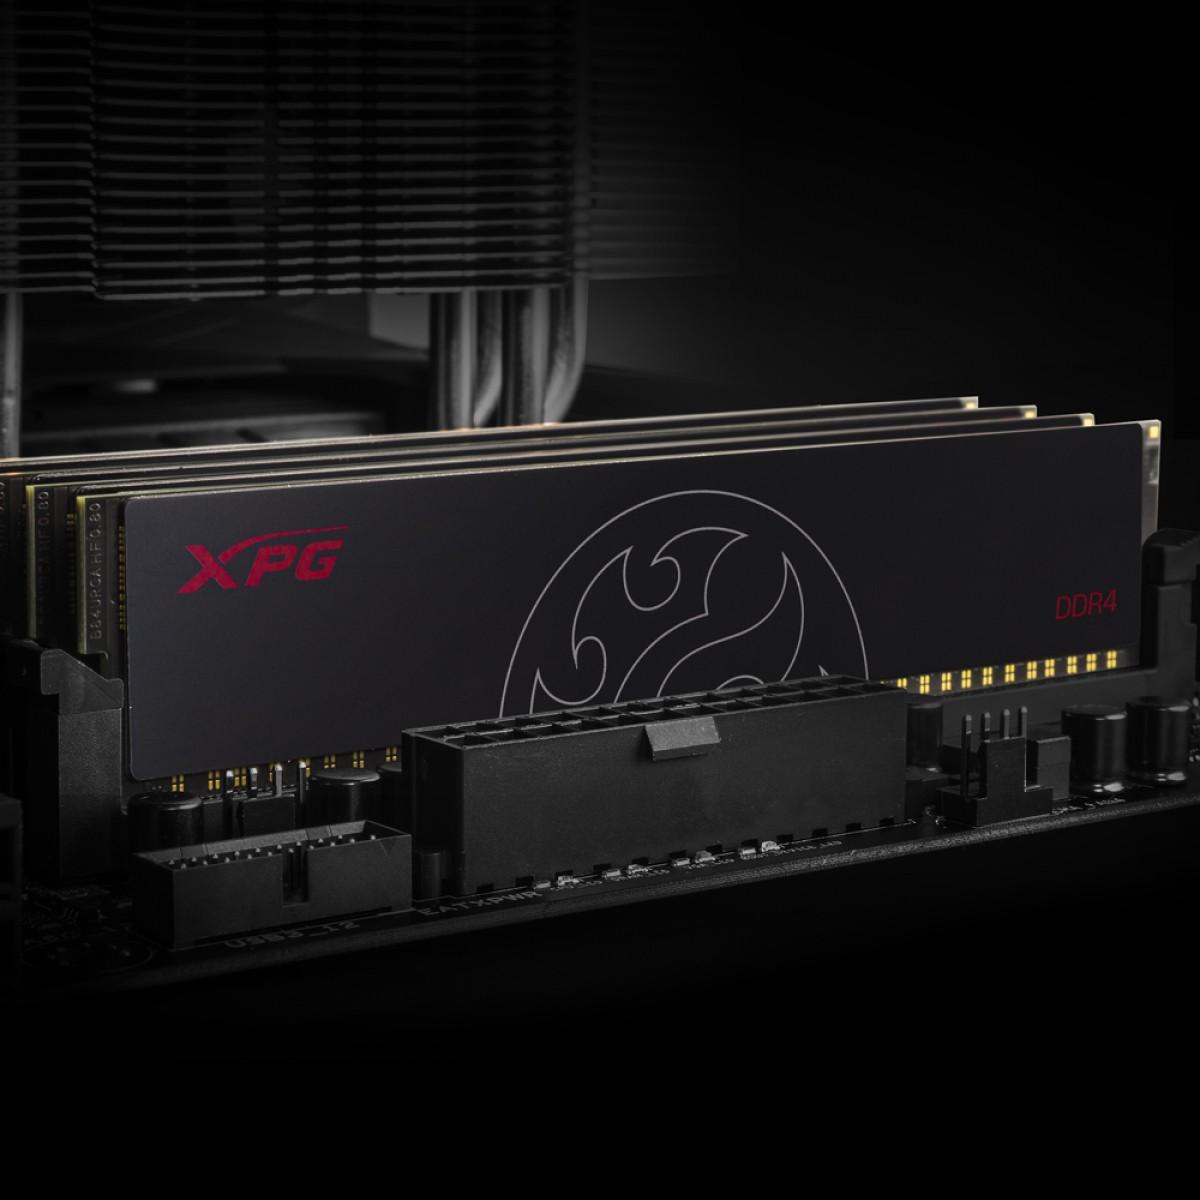 Memória DDR4 XPG Hunter, 8GB, 3200MHz, Black, AX4U32008G16A-SBHT